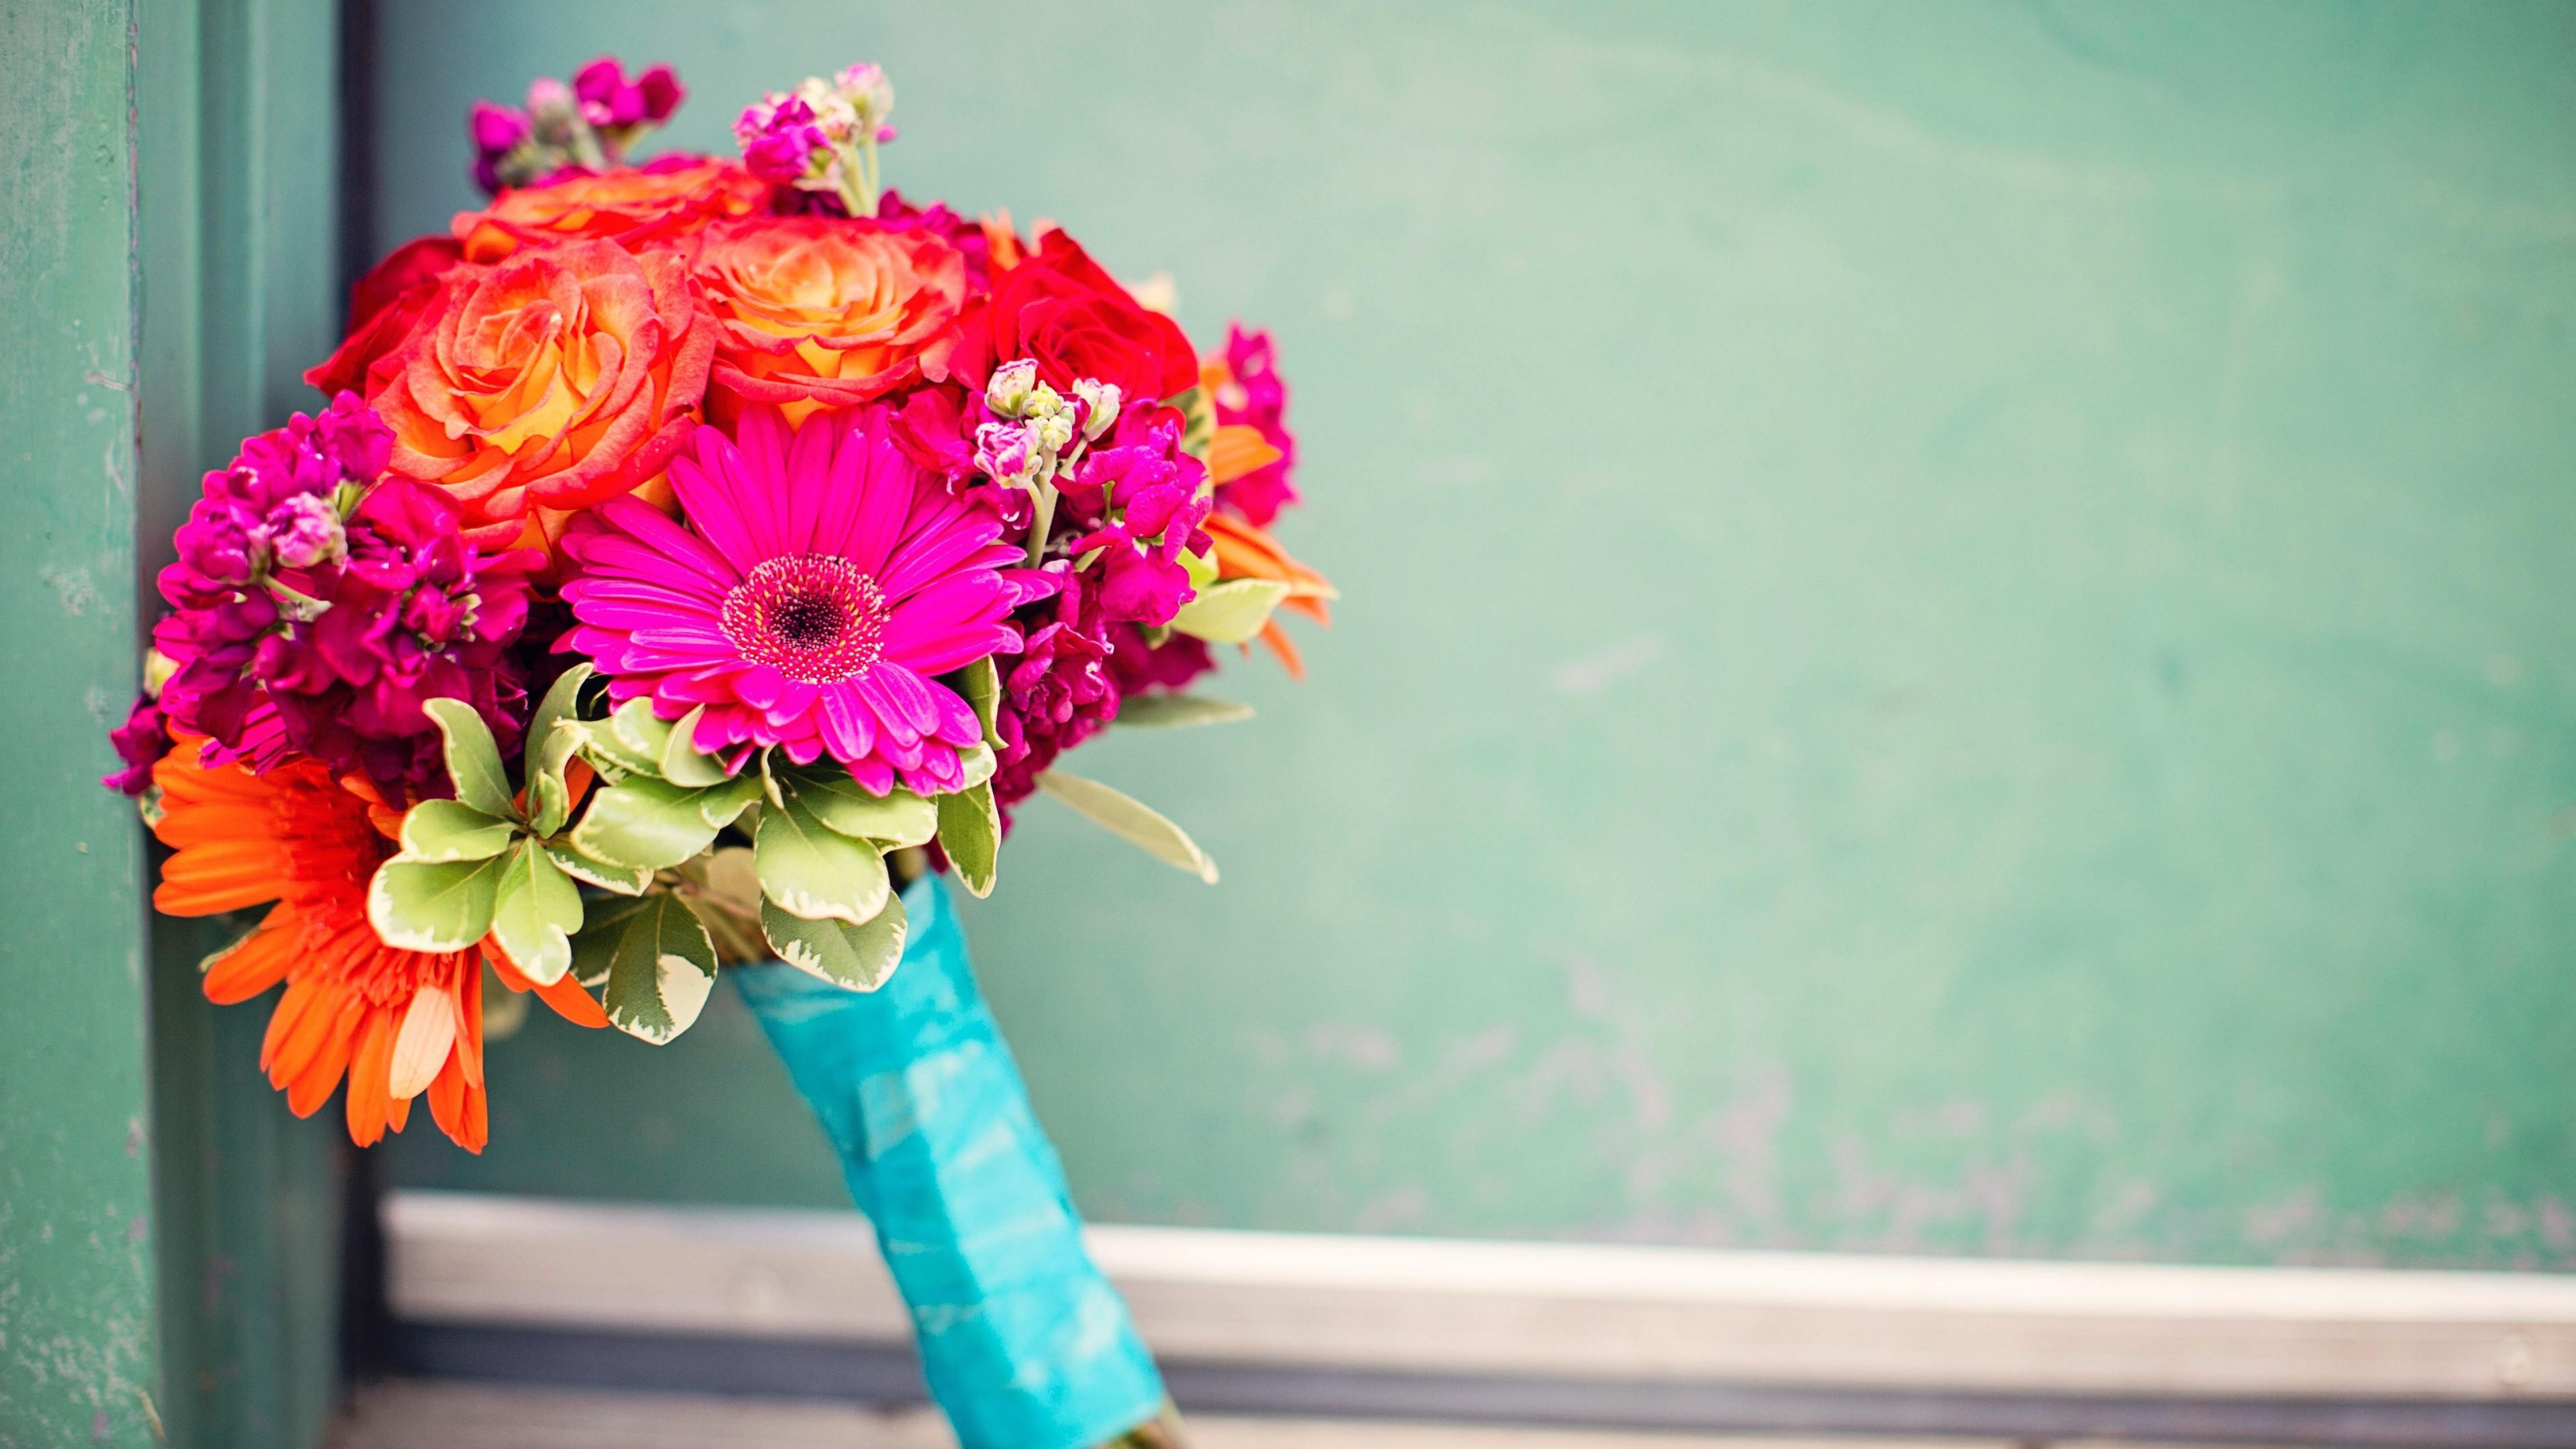 Sport Wallpaper Art: Wallpaper Flower Bouquet, Flowers, Colorful, Holidays #4158